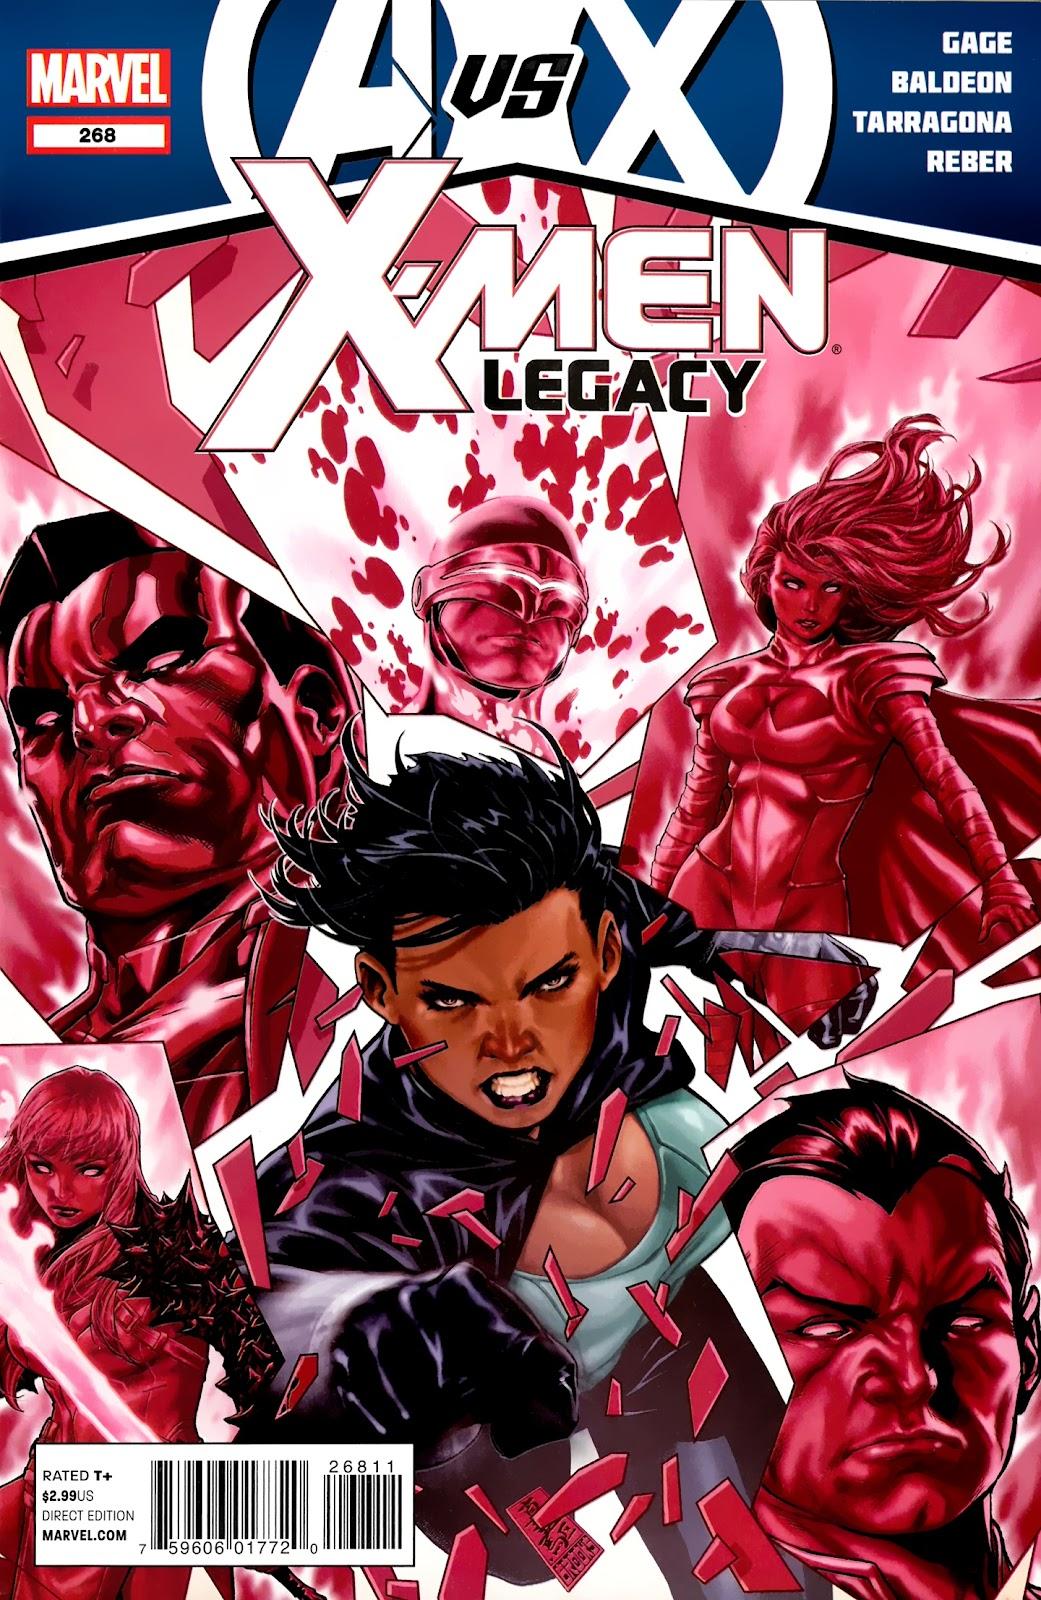 X-Men Legacy (2008) 268 Page 1